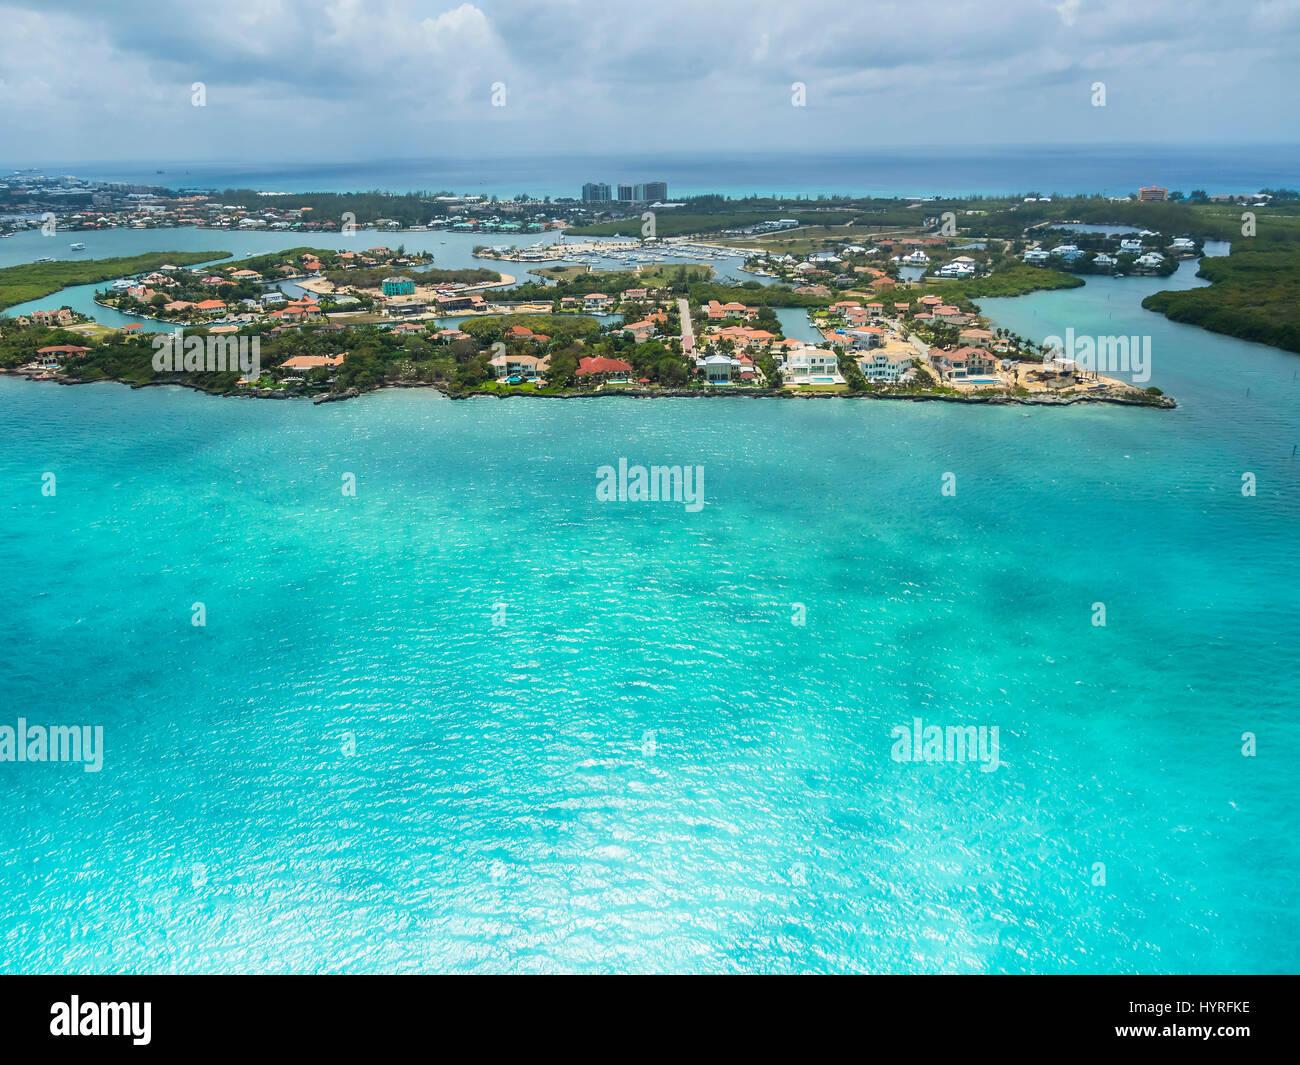 Westbay y Cypress Pointe con campos de golf, zona residencial de lujo, Georgetown, Gran Caimán, el Caribe, las Islas Caimán Foto de stock